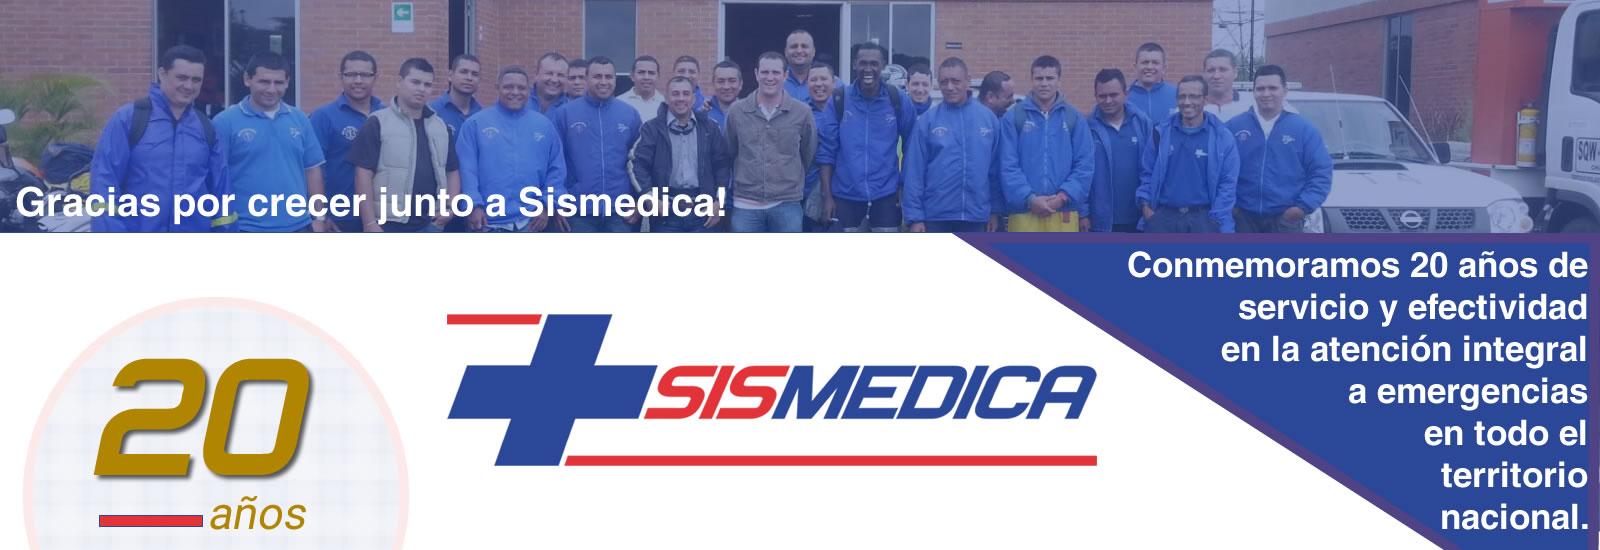 sismedica_ambulancias_servicio_peajes_atencion